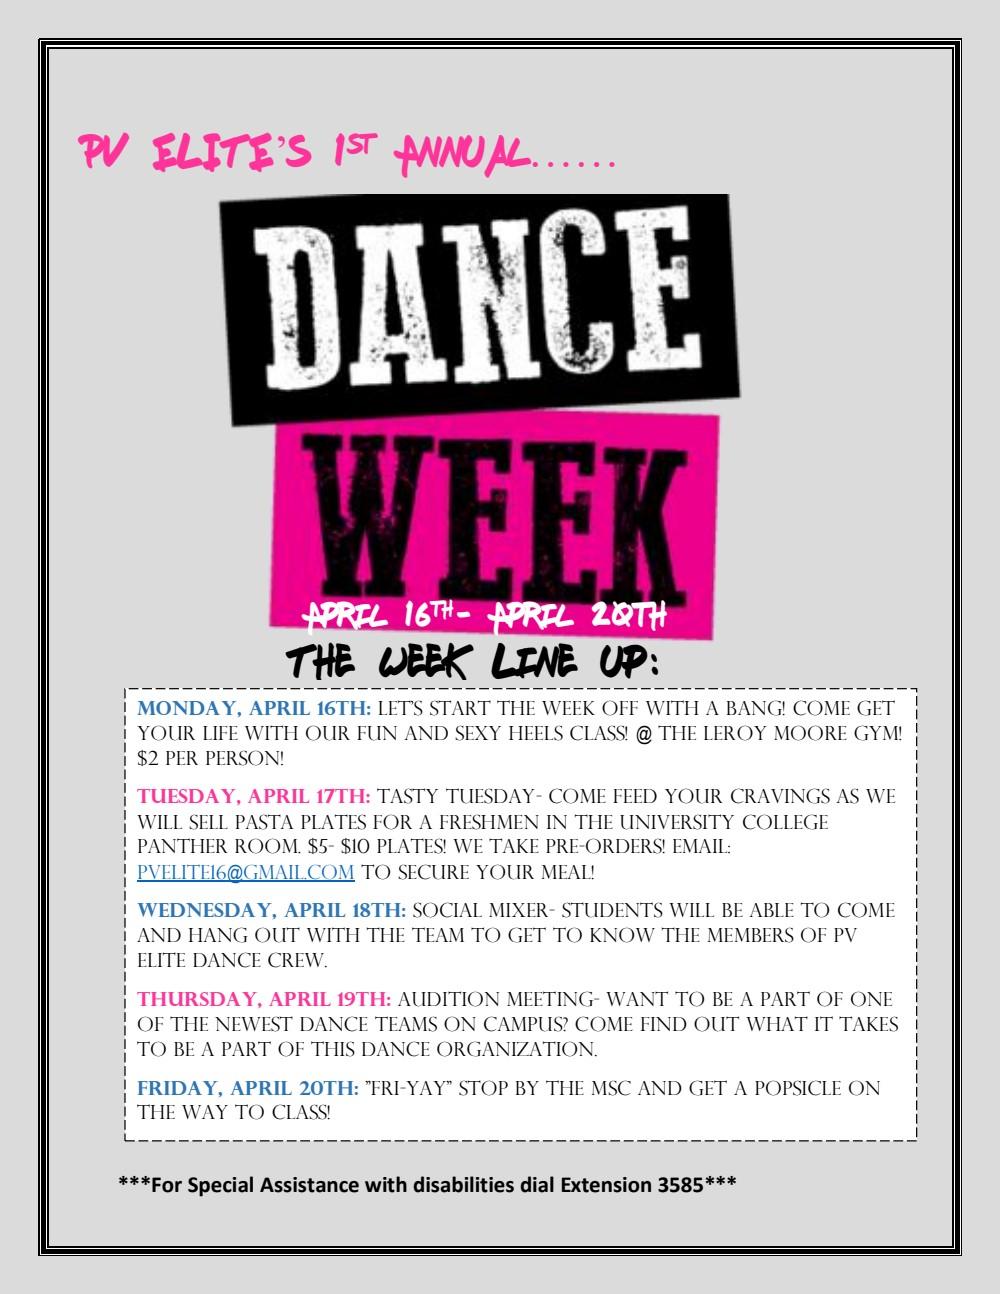 PV ELITE DANCE WEEK 2018 - PVPaw Link